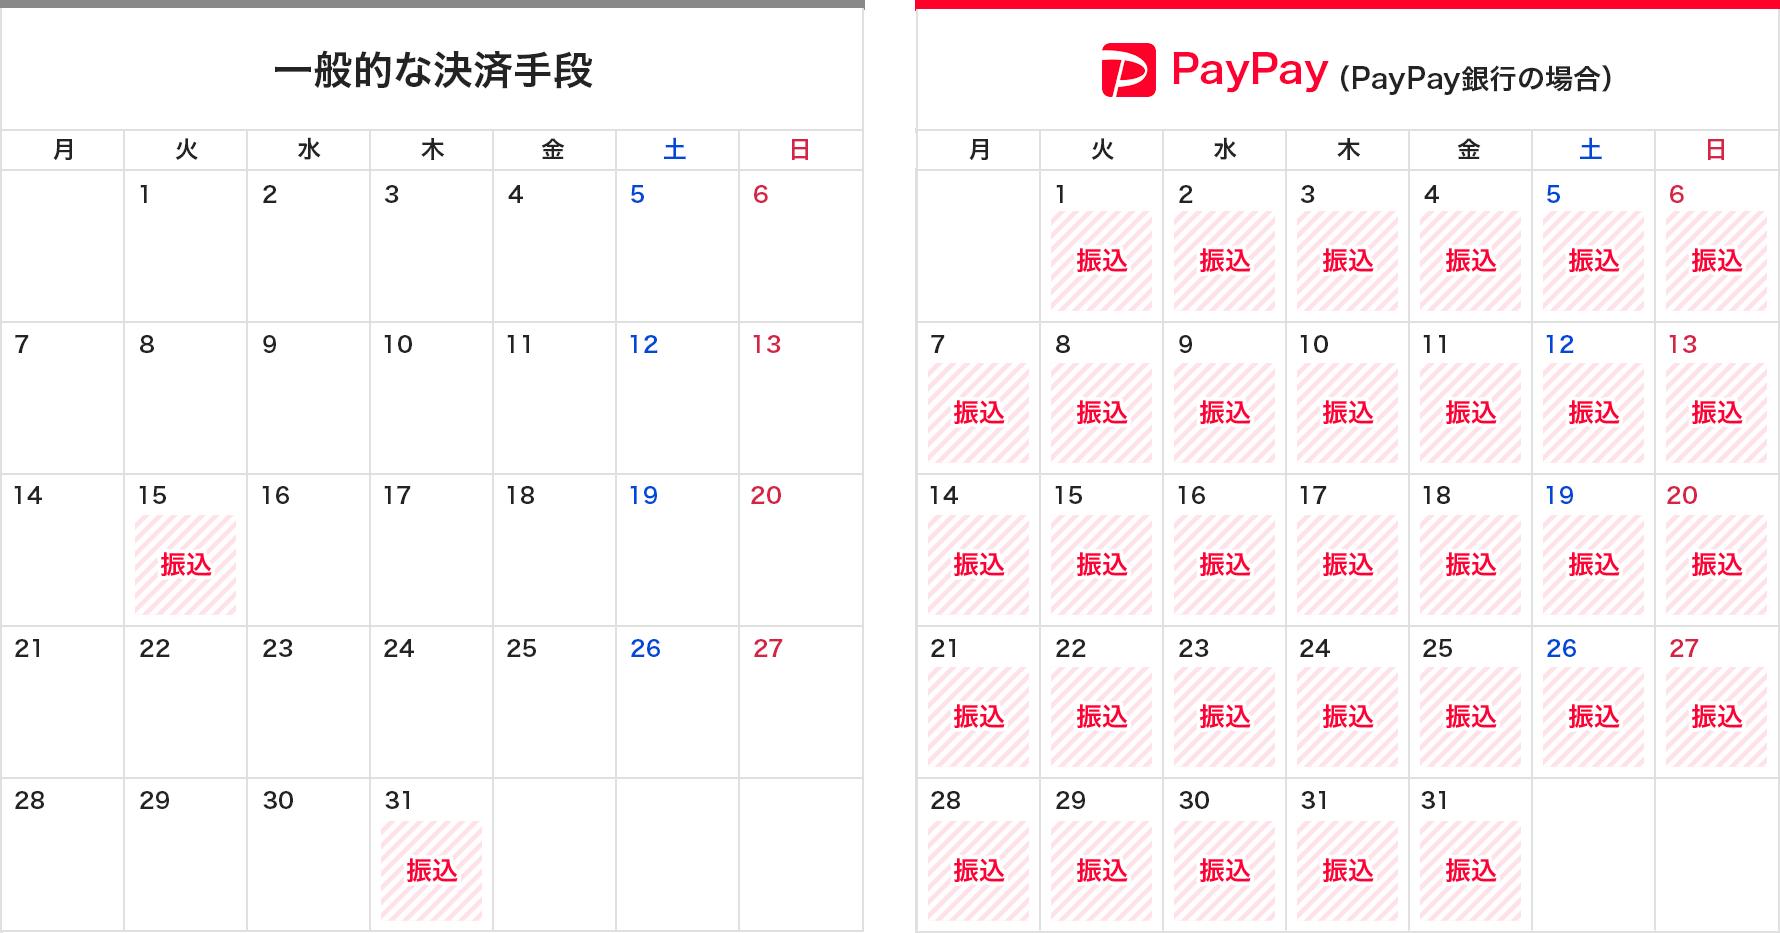 一般的な決済手段とPayPay(PayPay銀行の場合)の比較表